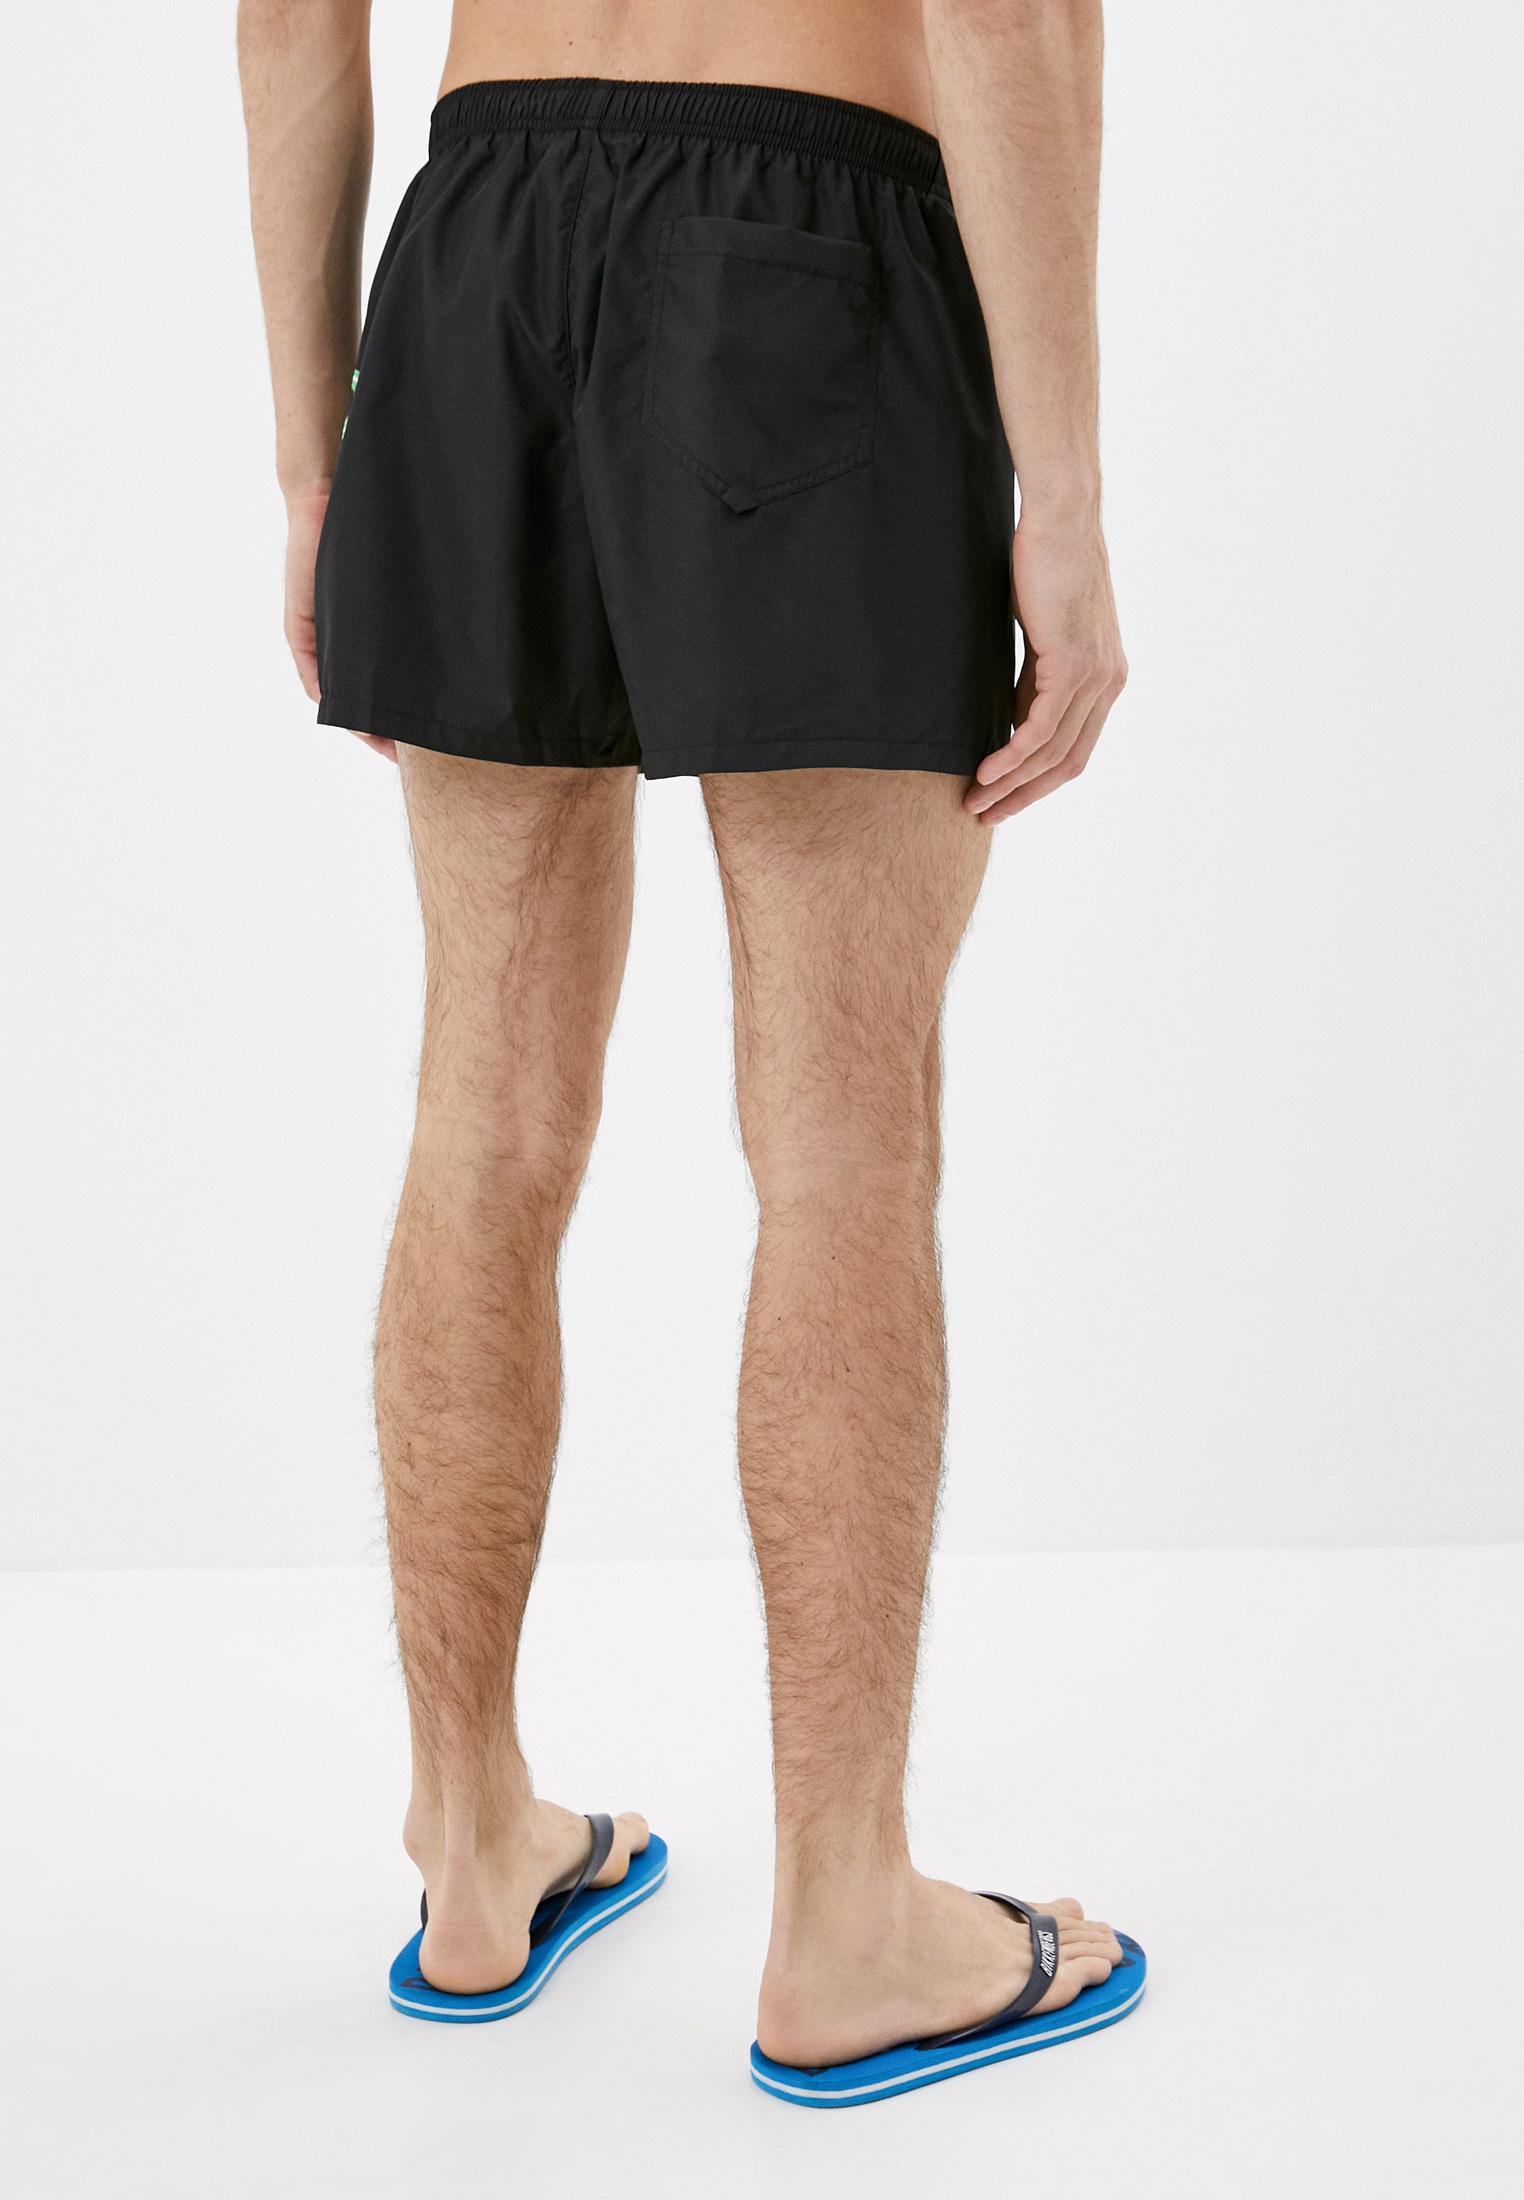 Мужские шорты для плавания Moschino swim 6154 5989: изображение 3